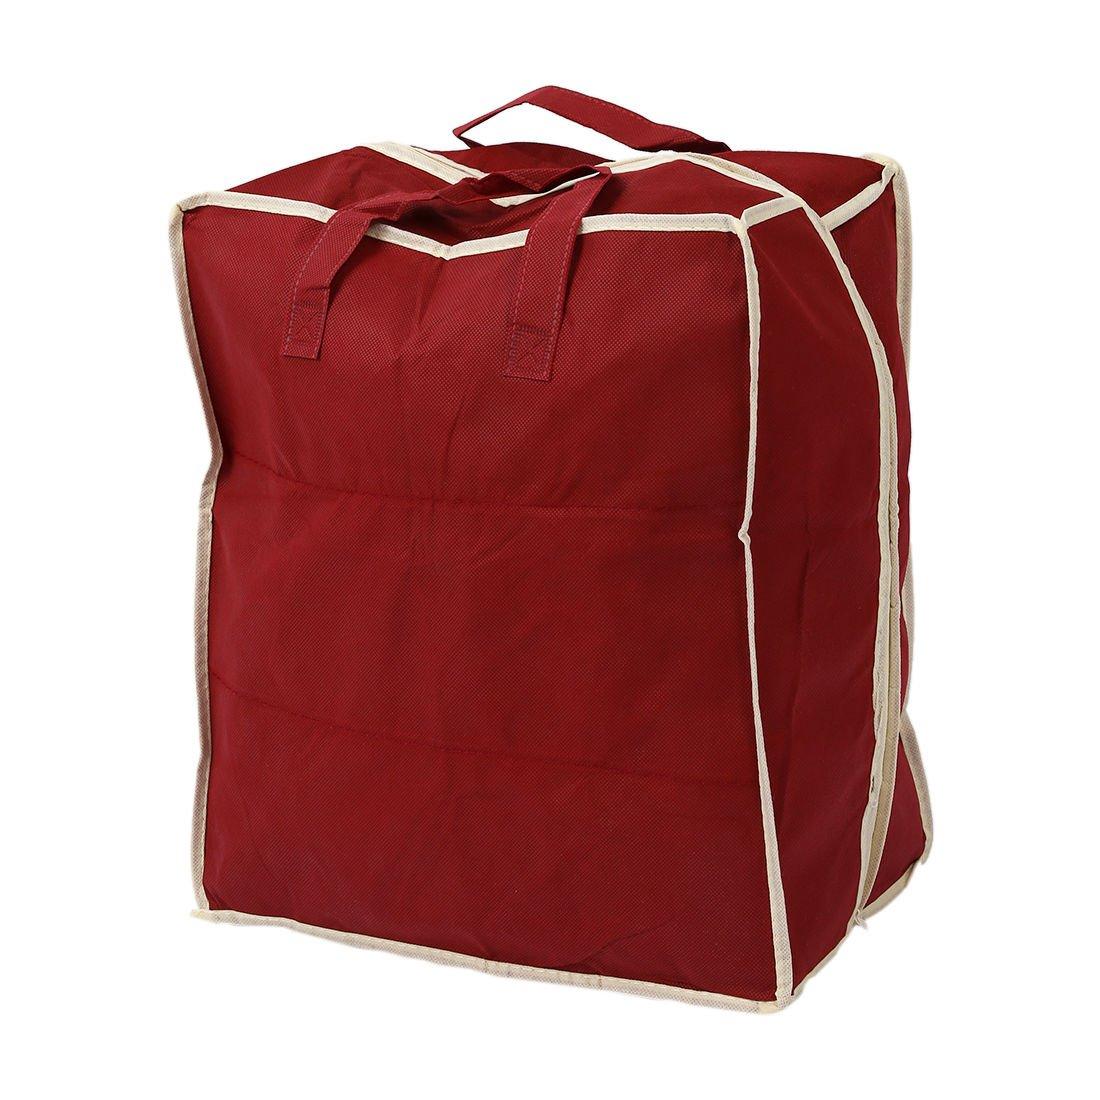 TOOGOO R Organizador de almacenamiento de zapato plegables ventilacion impermeable de viaje rojo Armario de moda portatil Bolsas de zapatos para mujeres hombres